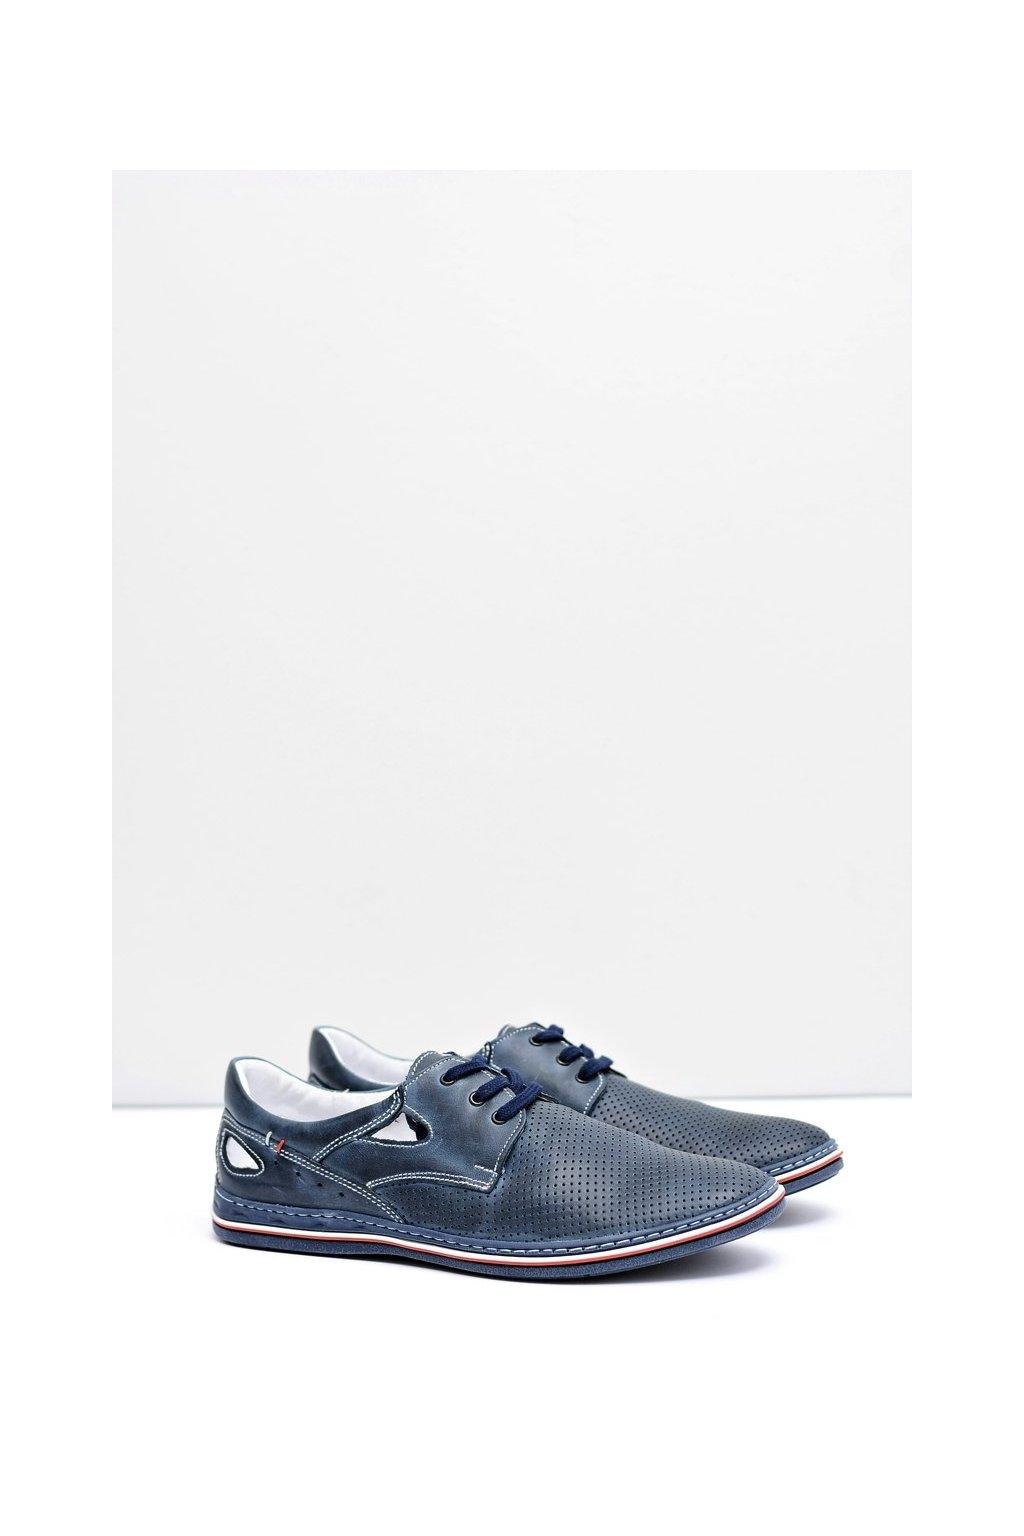 Tmavo modré pánske perforované kožené topánky Arturo